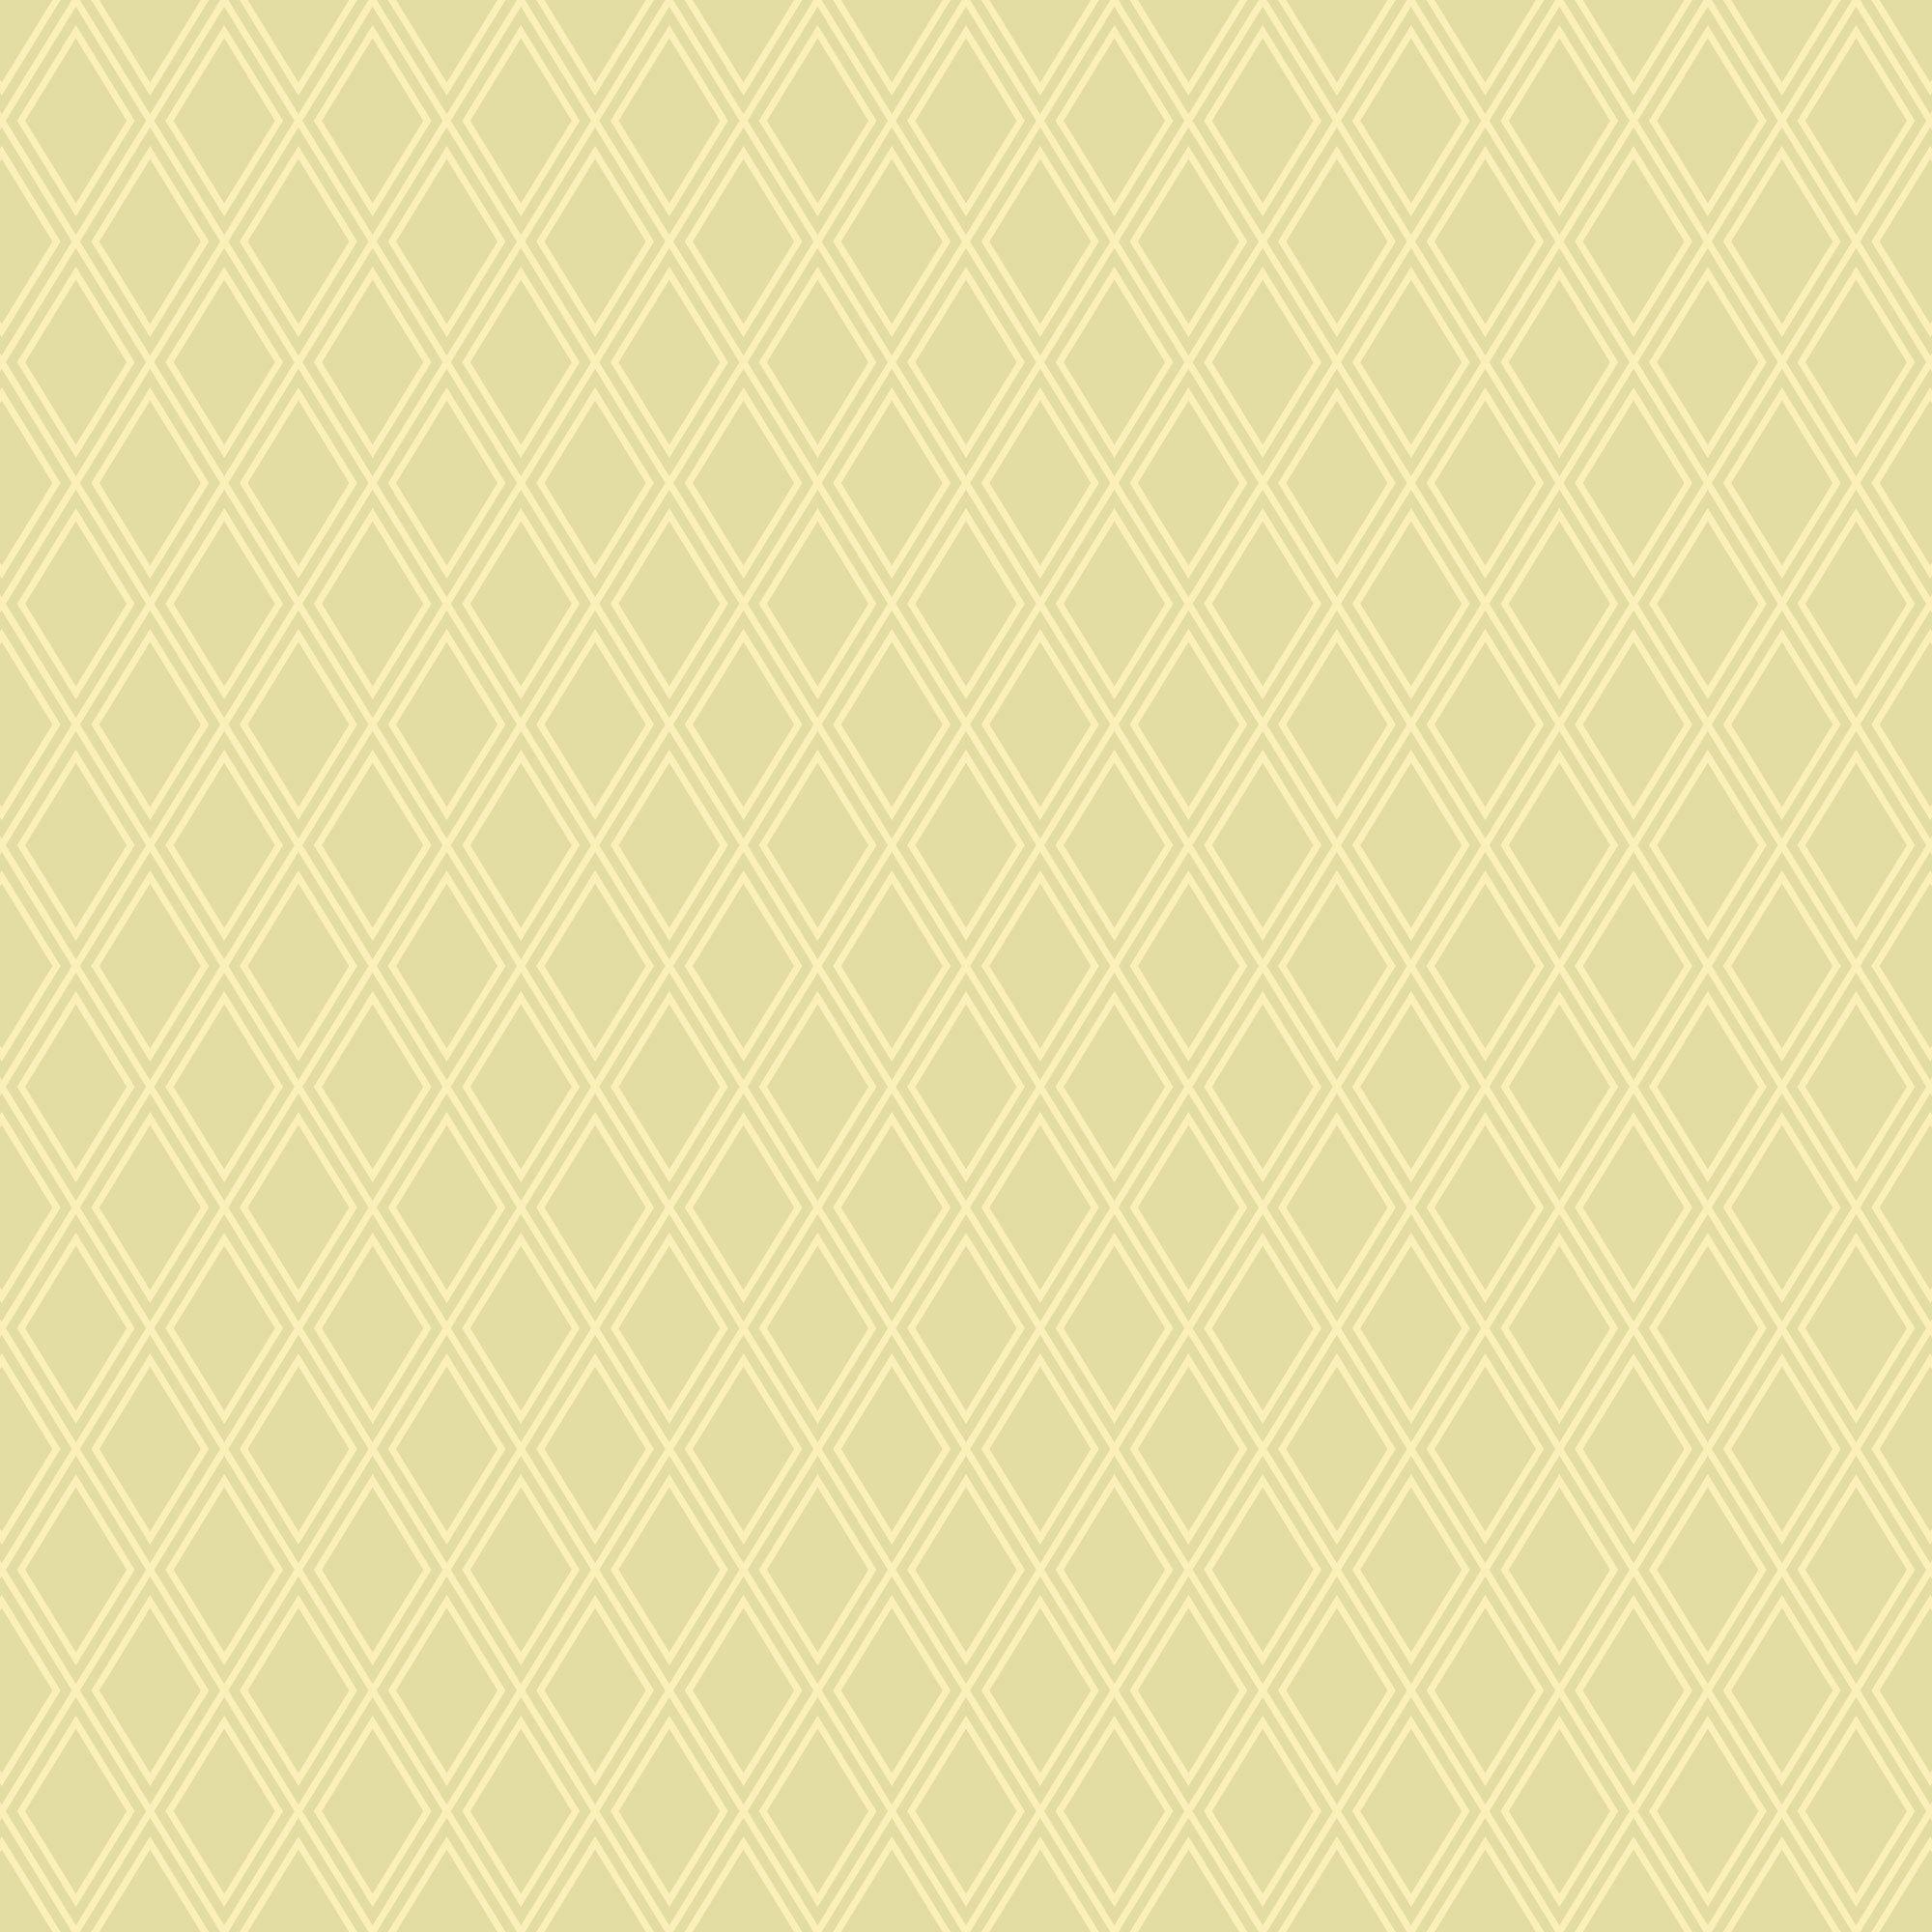 20款无缝隙矢量图案背景素材 Universal Seamless Patterns插图(4)